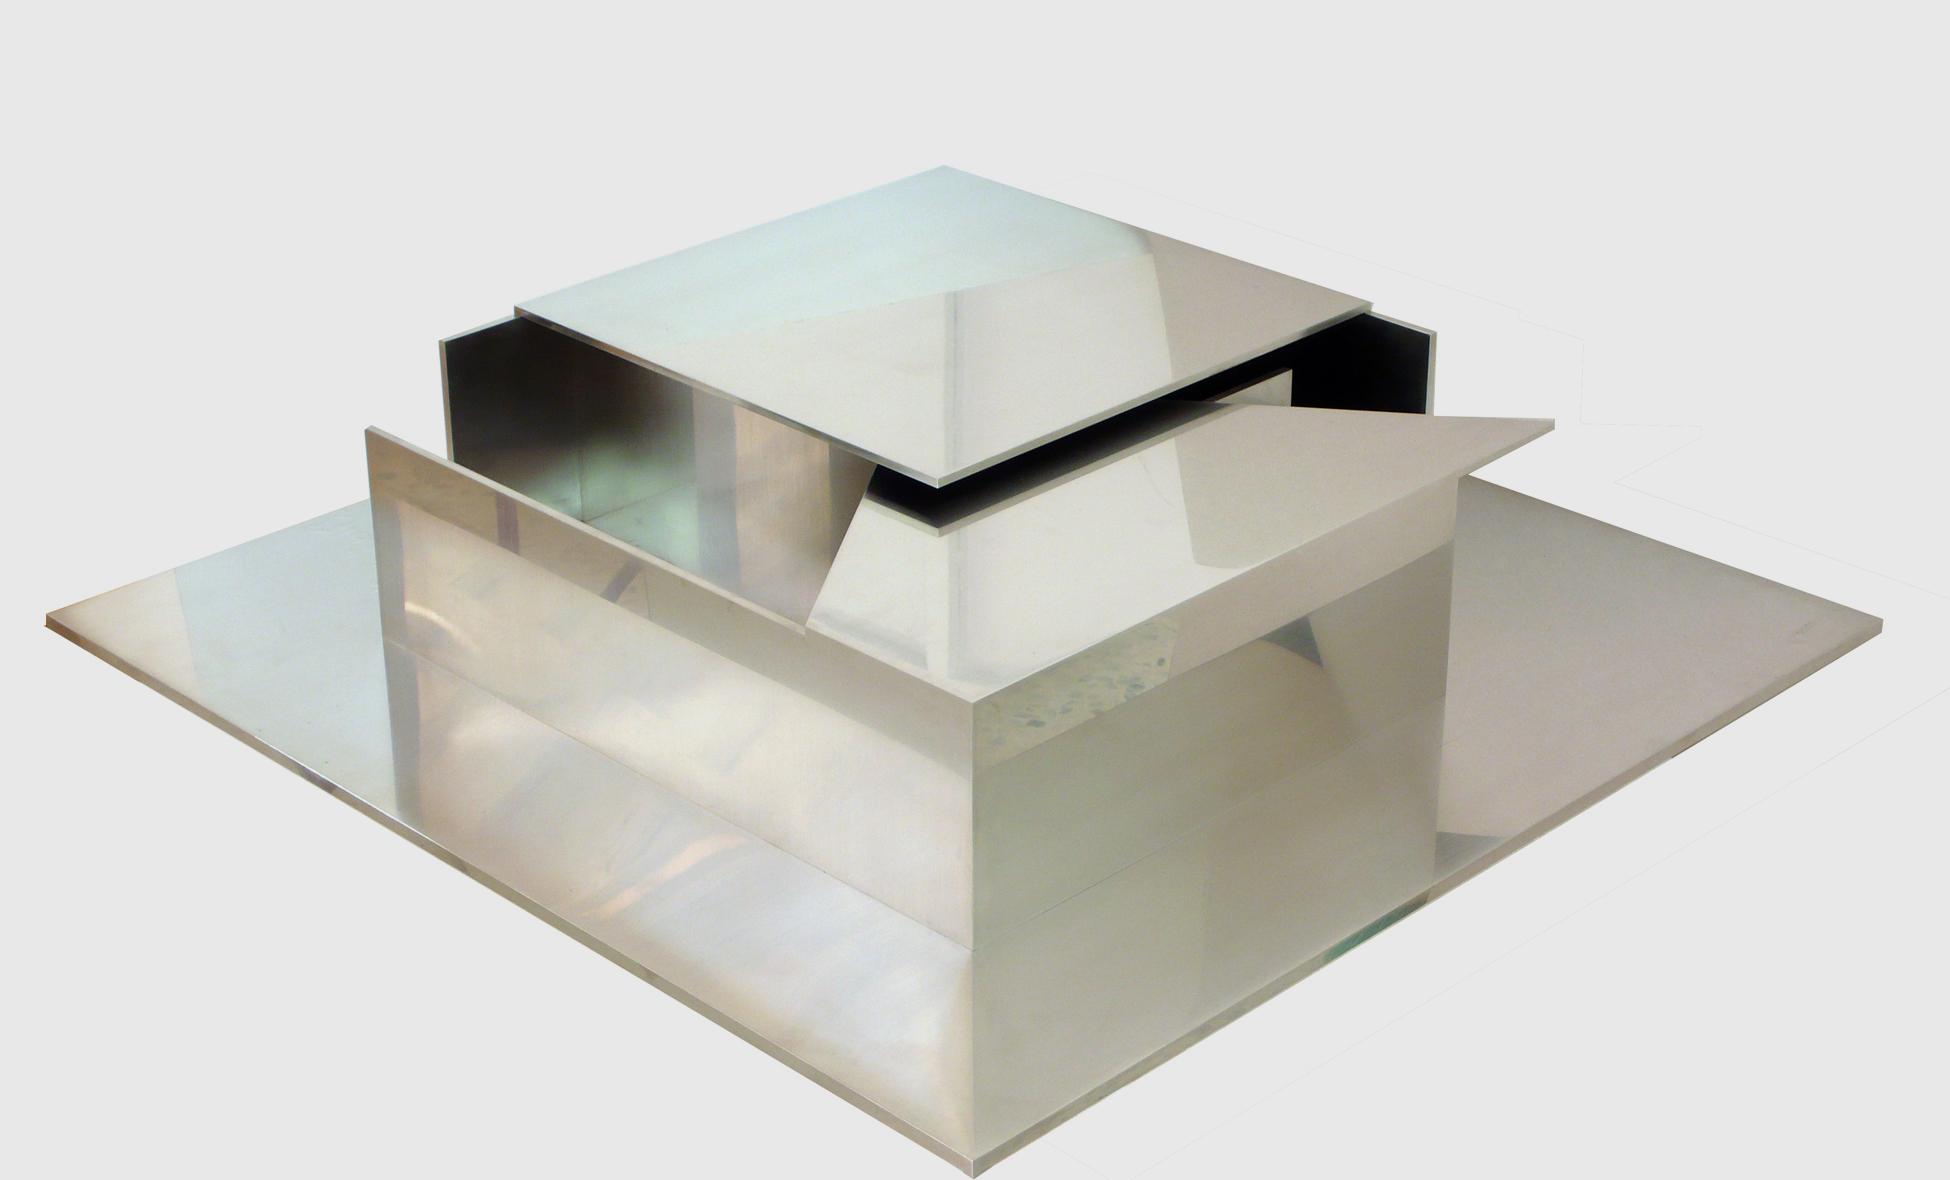 """Escultura """"Tecton II"""" de Pablo Palazuelo. Acero inoxidable. 2005"""